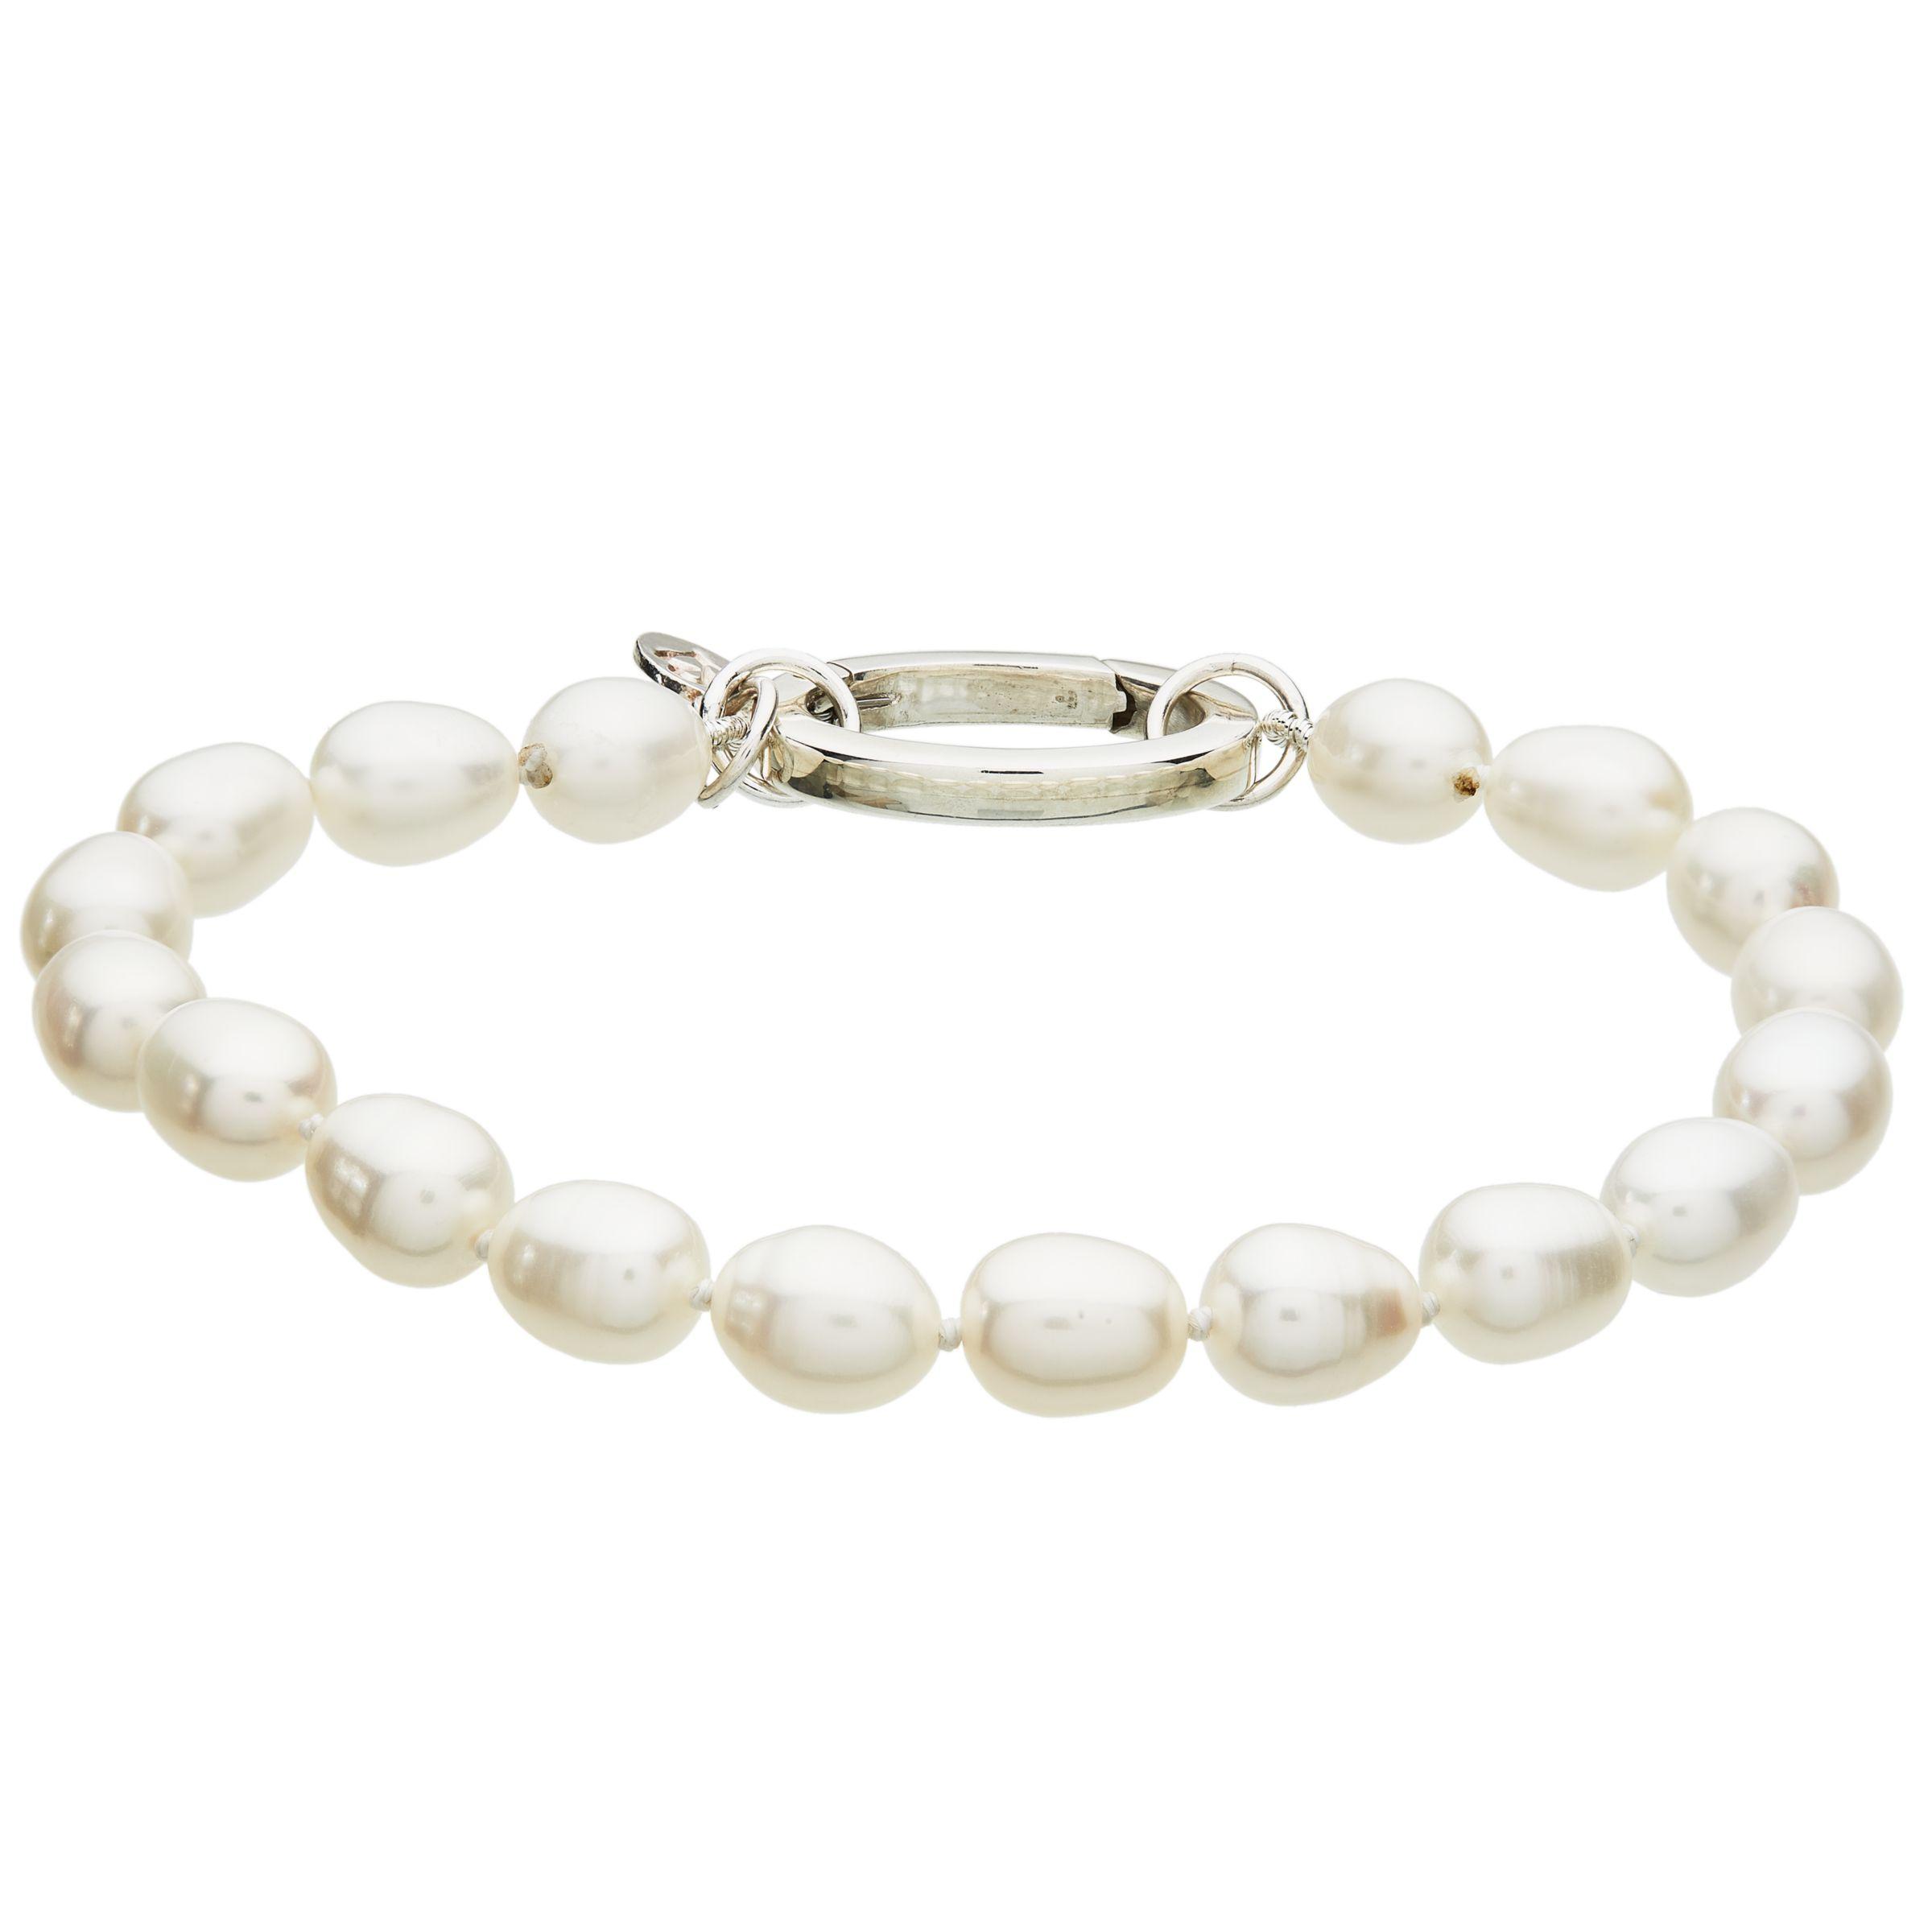 Claudia Bradby Claudia Bradby Rice Pearl Bracelet